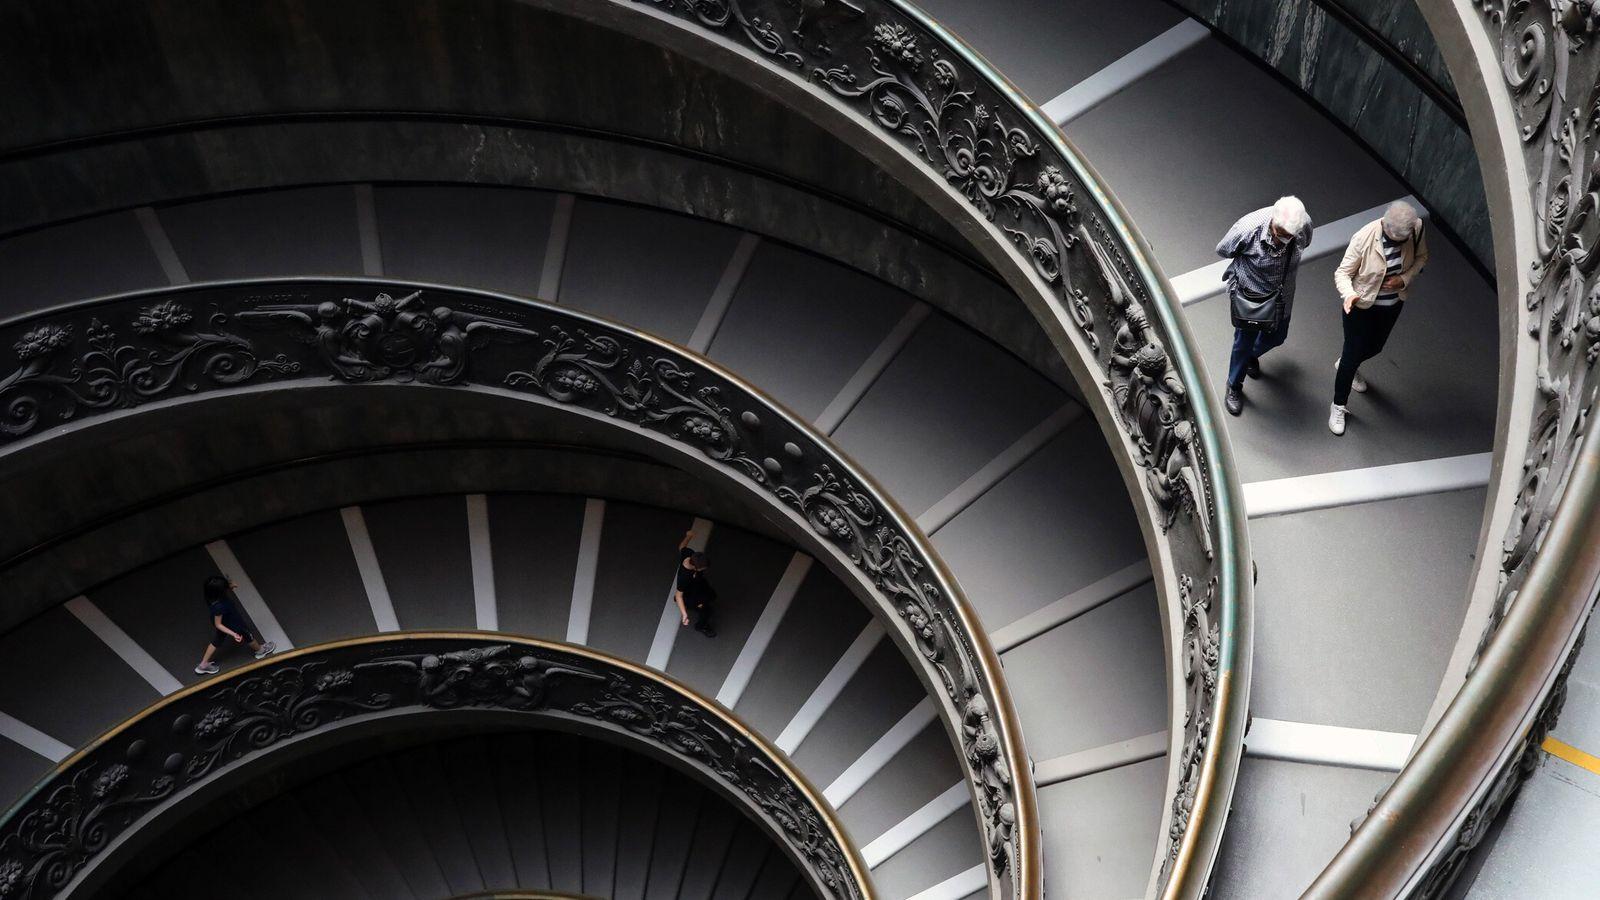 Visitantes descem a Escadaria Bramante, nos Museus do Vaticano na Itália, em 8 de junho de ...